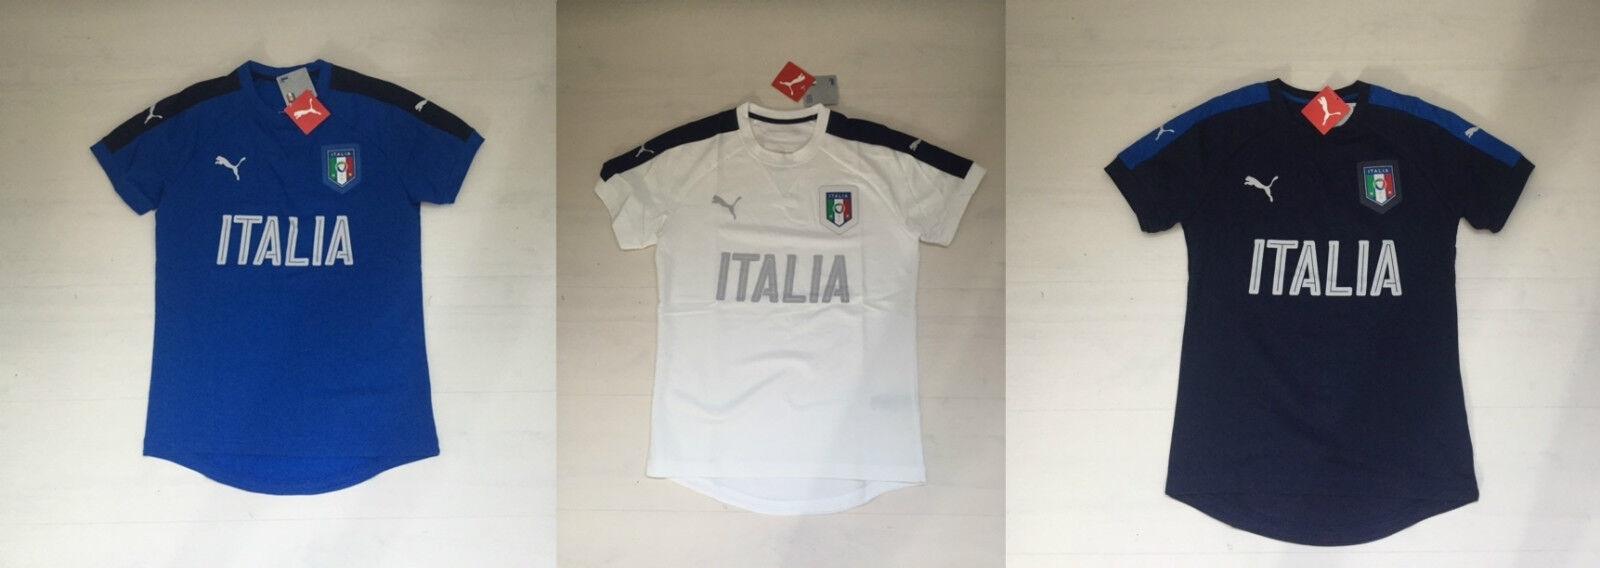 3630 FW16 T-SHIRT ITALIEN PUMA T-SHIRT FW16 ITALIEN JERSEY TEE TRIKOT T-SHIRT 4bd591